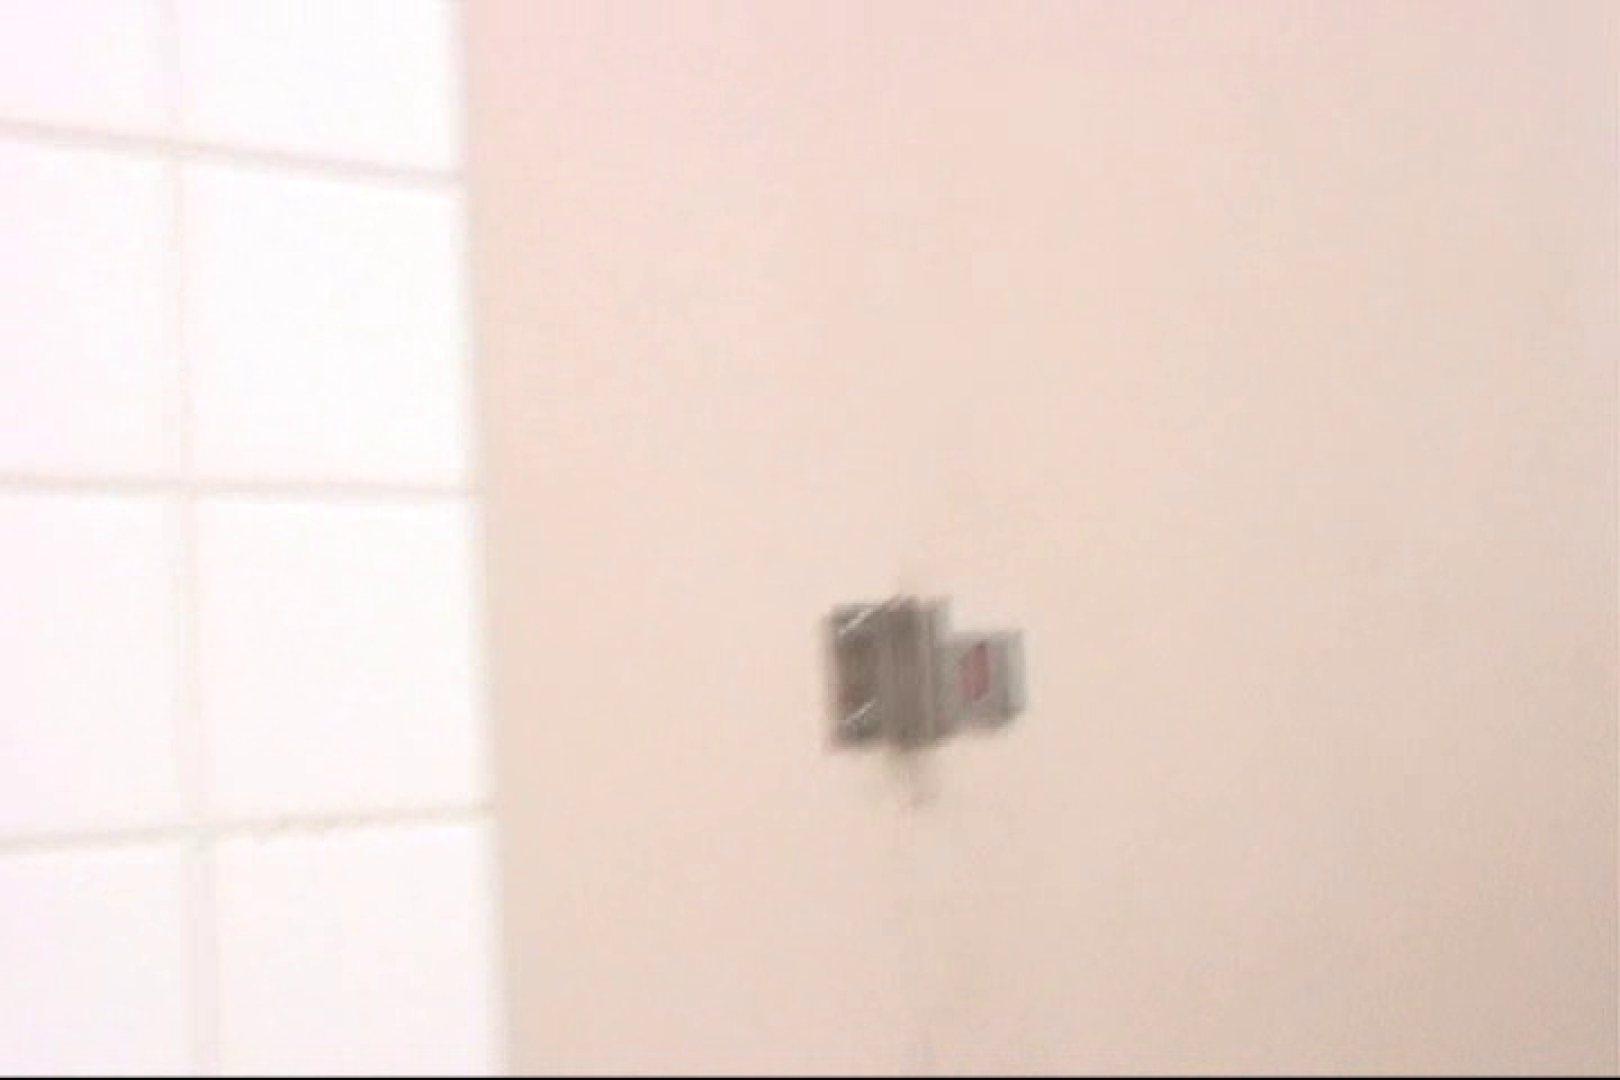 雑居ビル洗面所只今使用禁止中!Vol.5 洗面所 盗撮AV動画キャプチャ 81pic 77